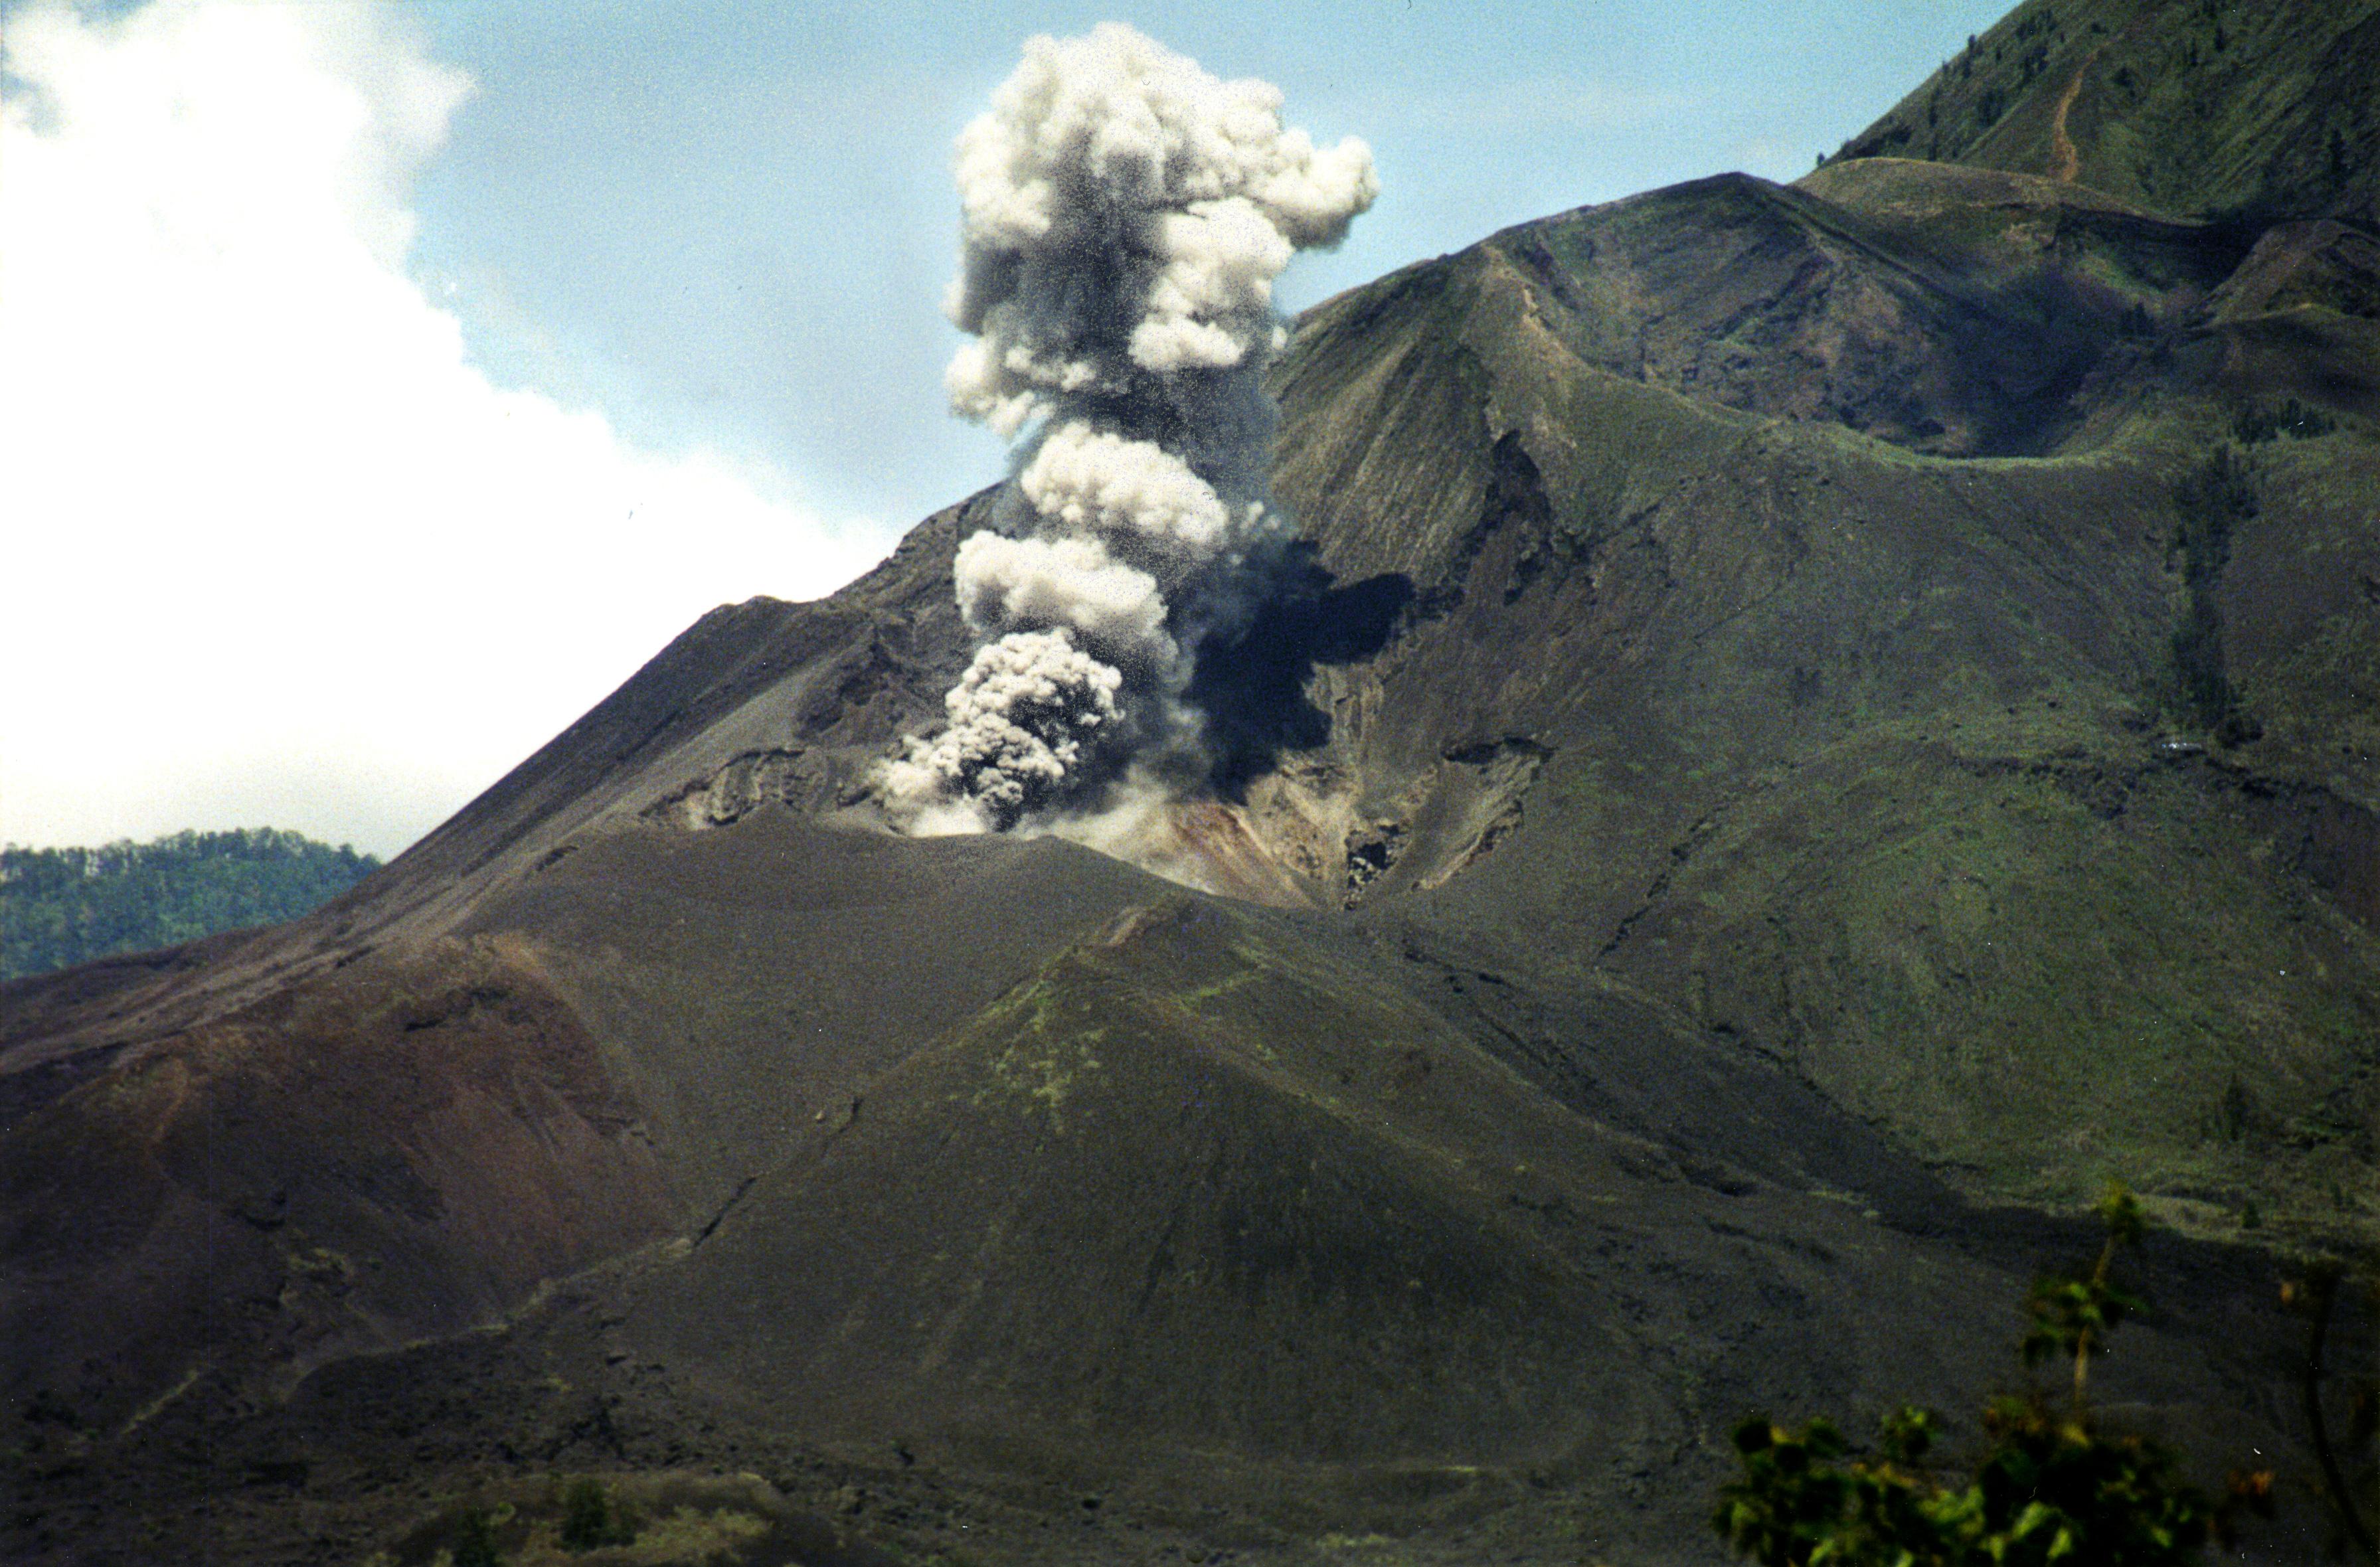 Bali-Volcano-color-separ-equalized-&-inverted-channels-frky-sharp